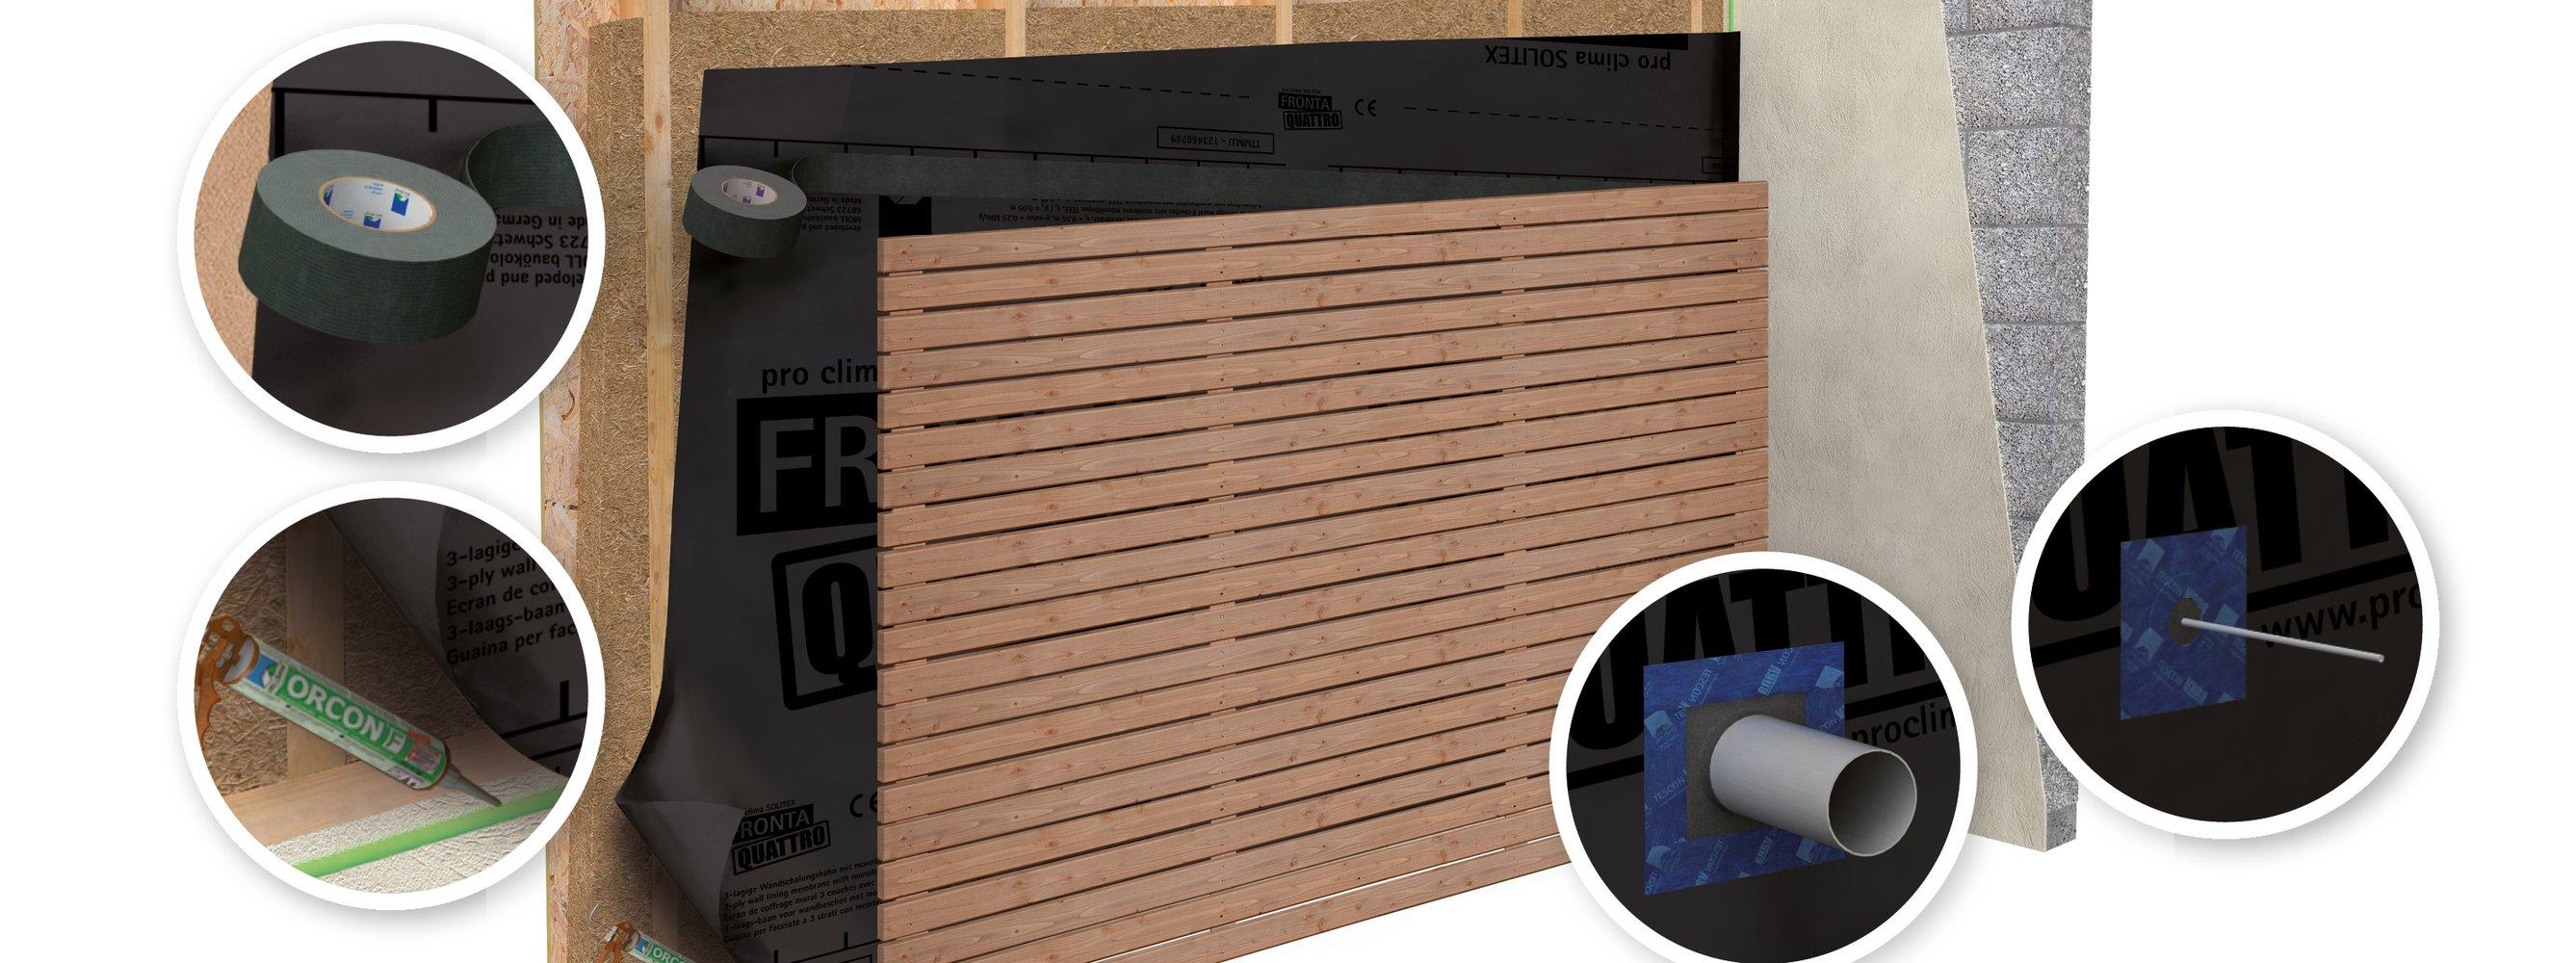 Heimwerker Pro Clima Solitex Plus Connect Rolle 75 M2 Fürs Dach